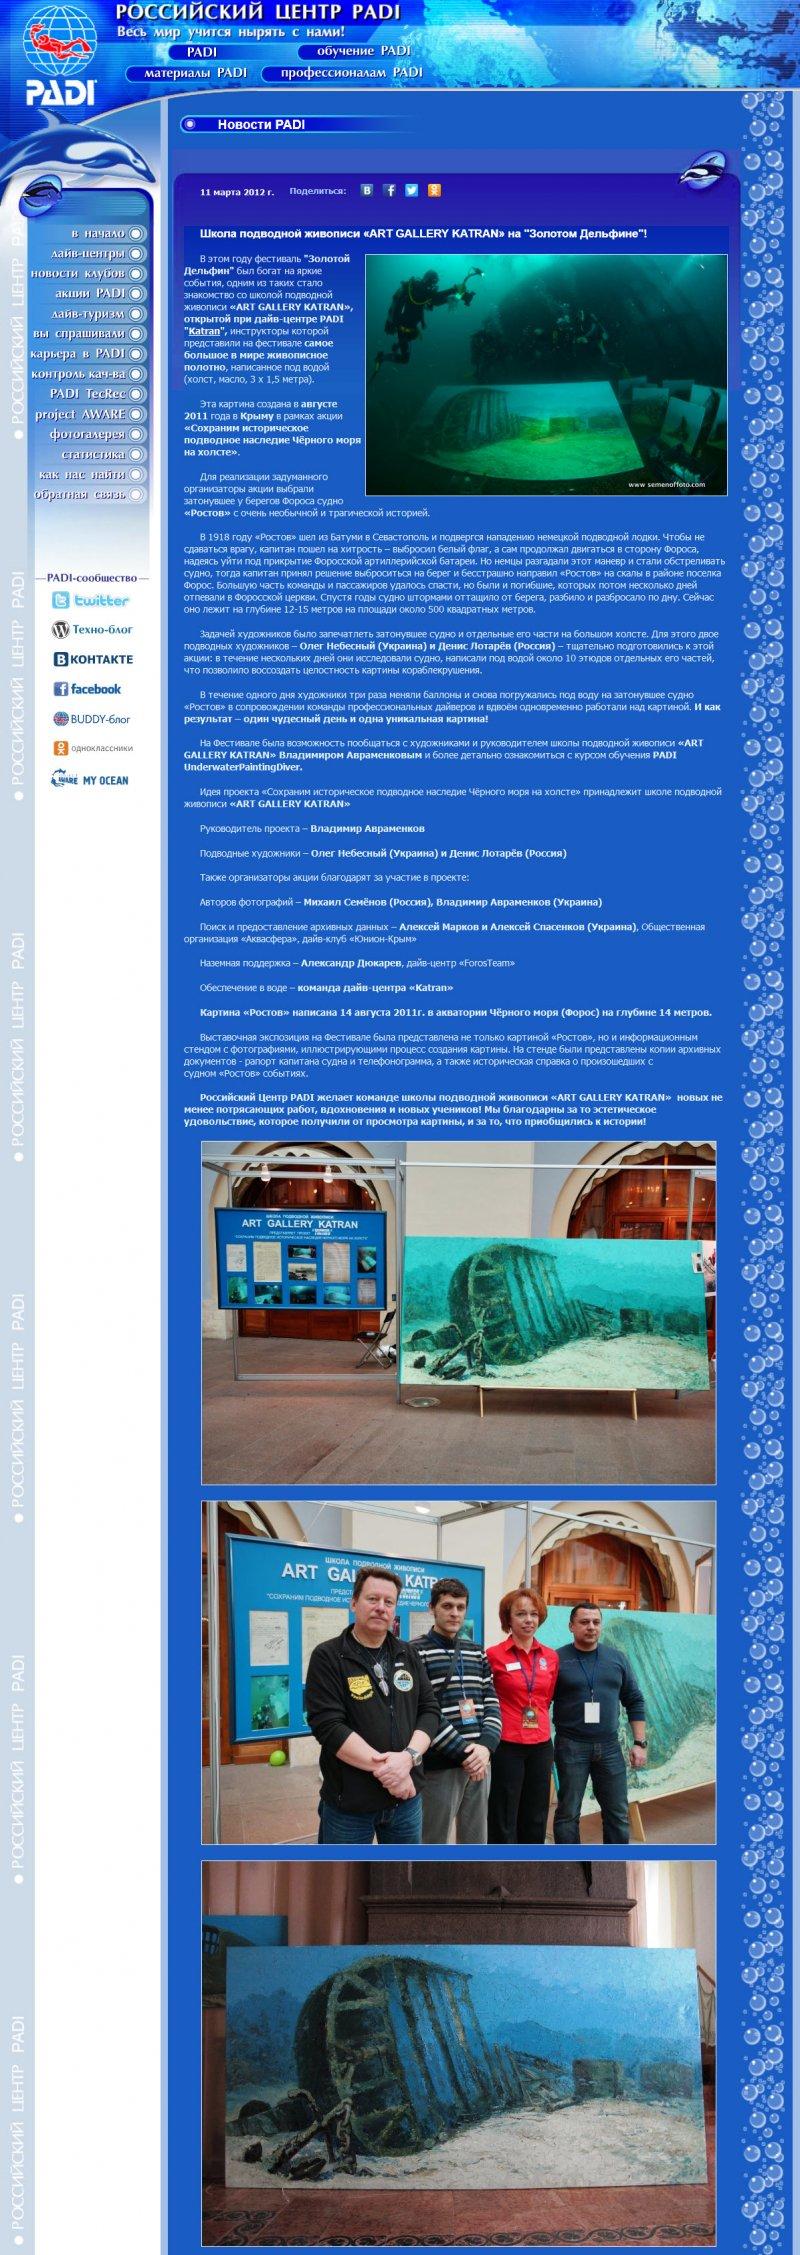 Российский центр PADI. Школа подводной живописи «Art Gallery Katran» на «Золотом Дельфине»!